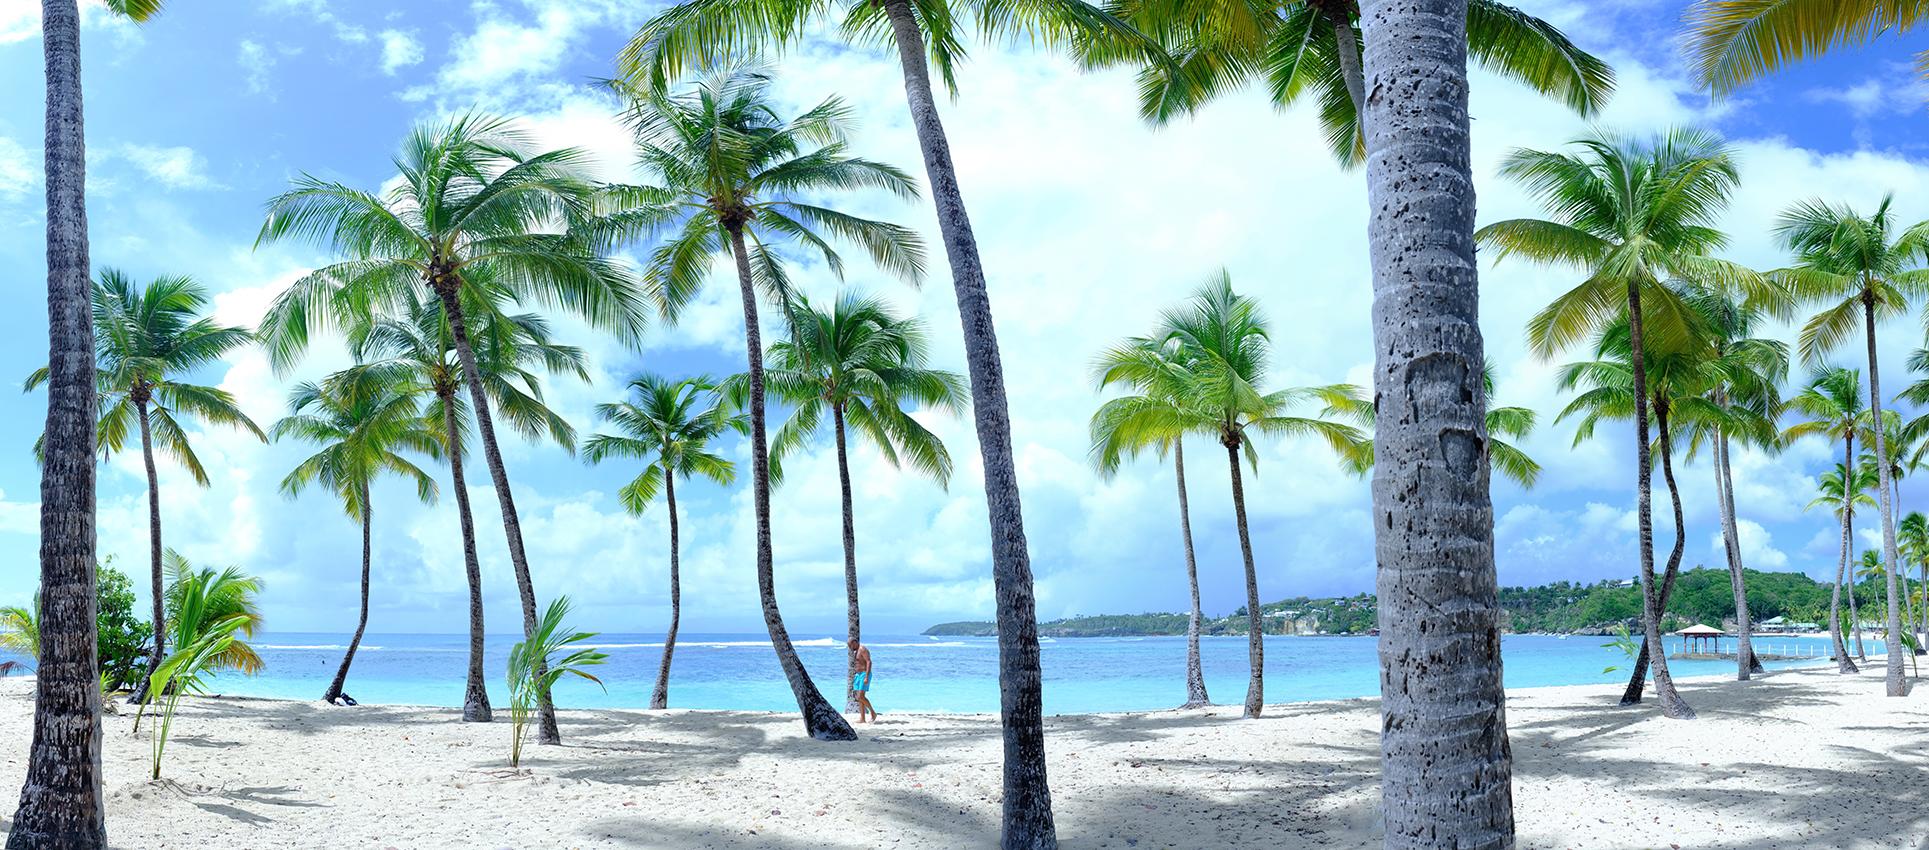 La Caravelle, Guadeloupe